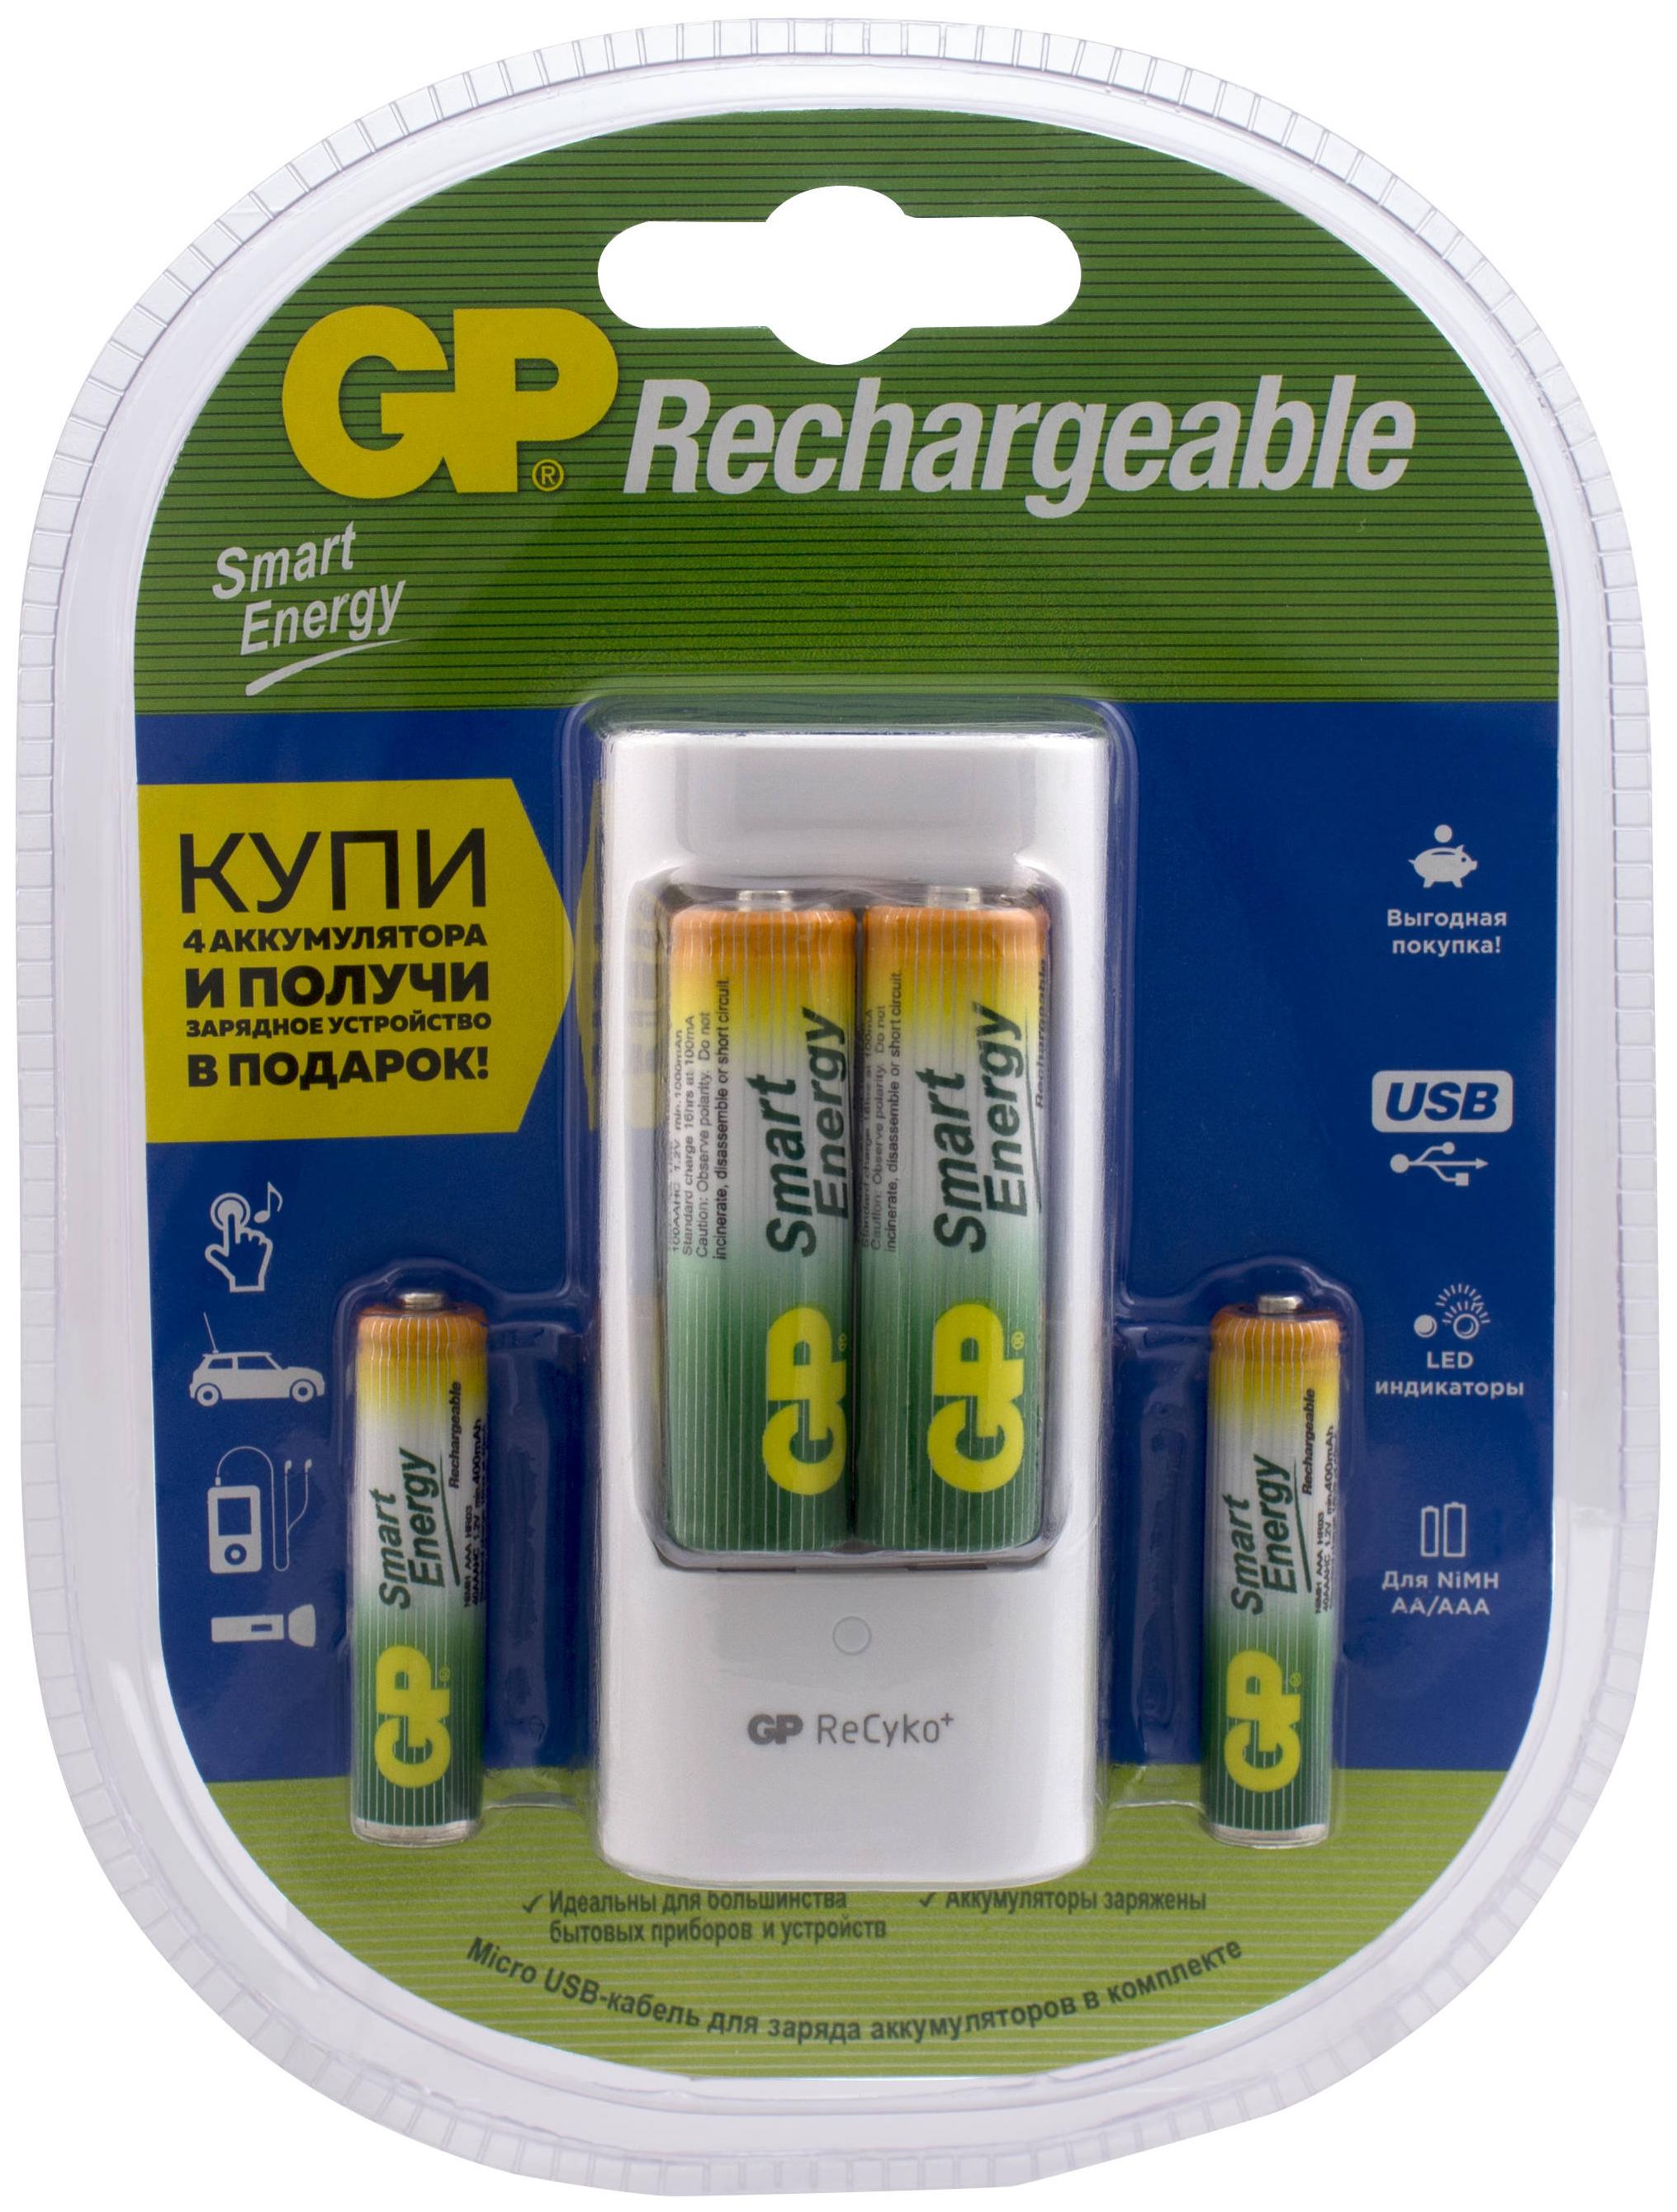 Зарядное устройство + аккумуляторы GP PB211 SMARTENERGY